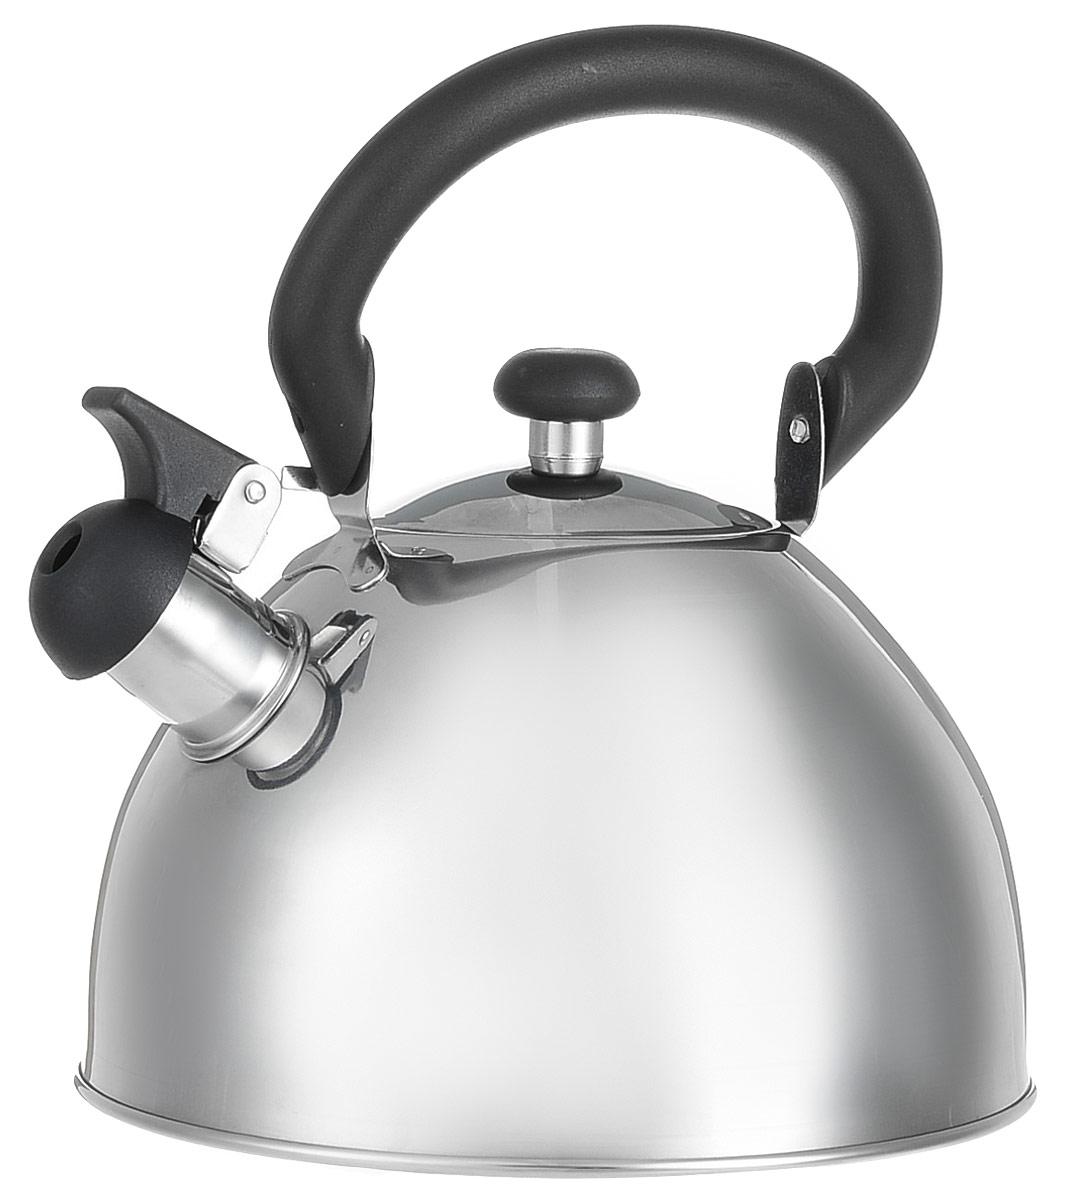 Чайник Appetite со свистком, 2,5 л. HSK-H049VT-1520(SR)Чайник Appetite изготовлен из высококачественной нержавеющей стали с 3-х слойным термоаккумулирующим дном. Нержавеющая сталь обладает высокой устойчивостью к коррозии, не вступает в реакцию с холодными и горячими продуктами и полностью сохраняет их вкусовые качества. Особая конструкция дна способствует высокой теплопроводности и равномерному распределению тепла. Чайник оснащен черной пластиковой удобной ручкой. Носик чайника имеет откидной свисток, звуковой сигнал которого подскажет, когда закипит вода. Чайник Appetite пригоден для использования на всех видах плит, кроме индукционных. Можно мыть в посудомоечной машине. Характеристики:Материал:нержавеющая сталь, пластик. Объем:2,5 л. Диаметр основания чайника: 20 см. Высота чайника (с учетом ручки):24 см. Размер упаковки: 20,5 см х 20,5 см х 16,5 см. Артикул: HSK-H049.